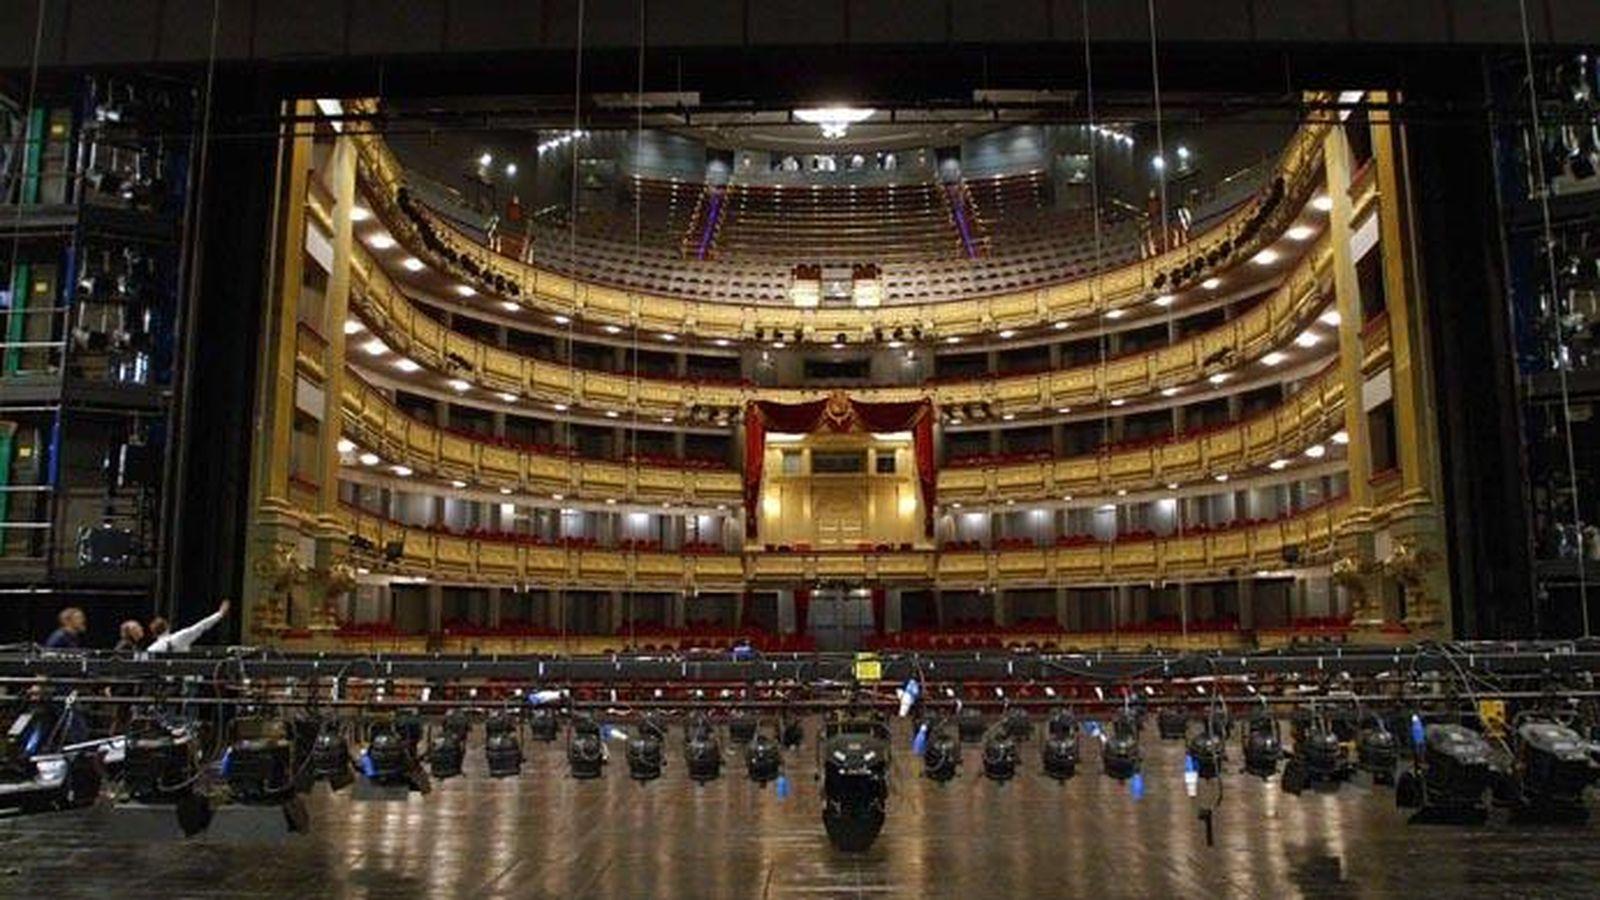 Foto: Imagen desde el escenario del Teatro Real (Teatro Real)